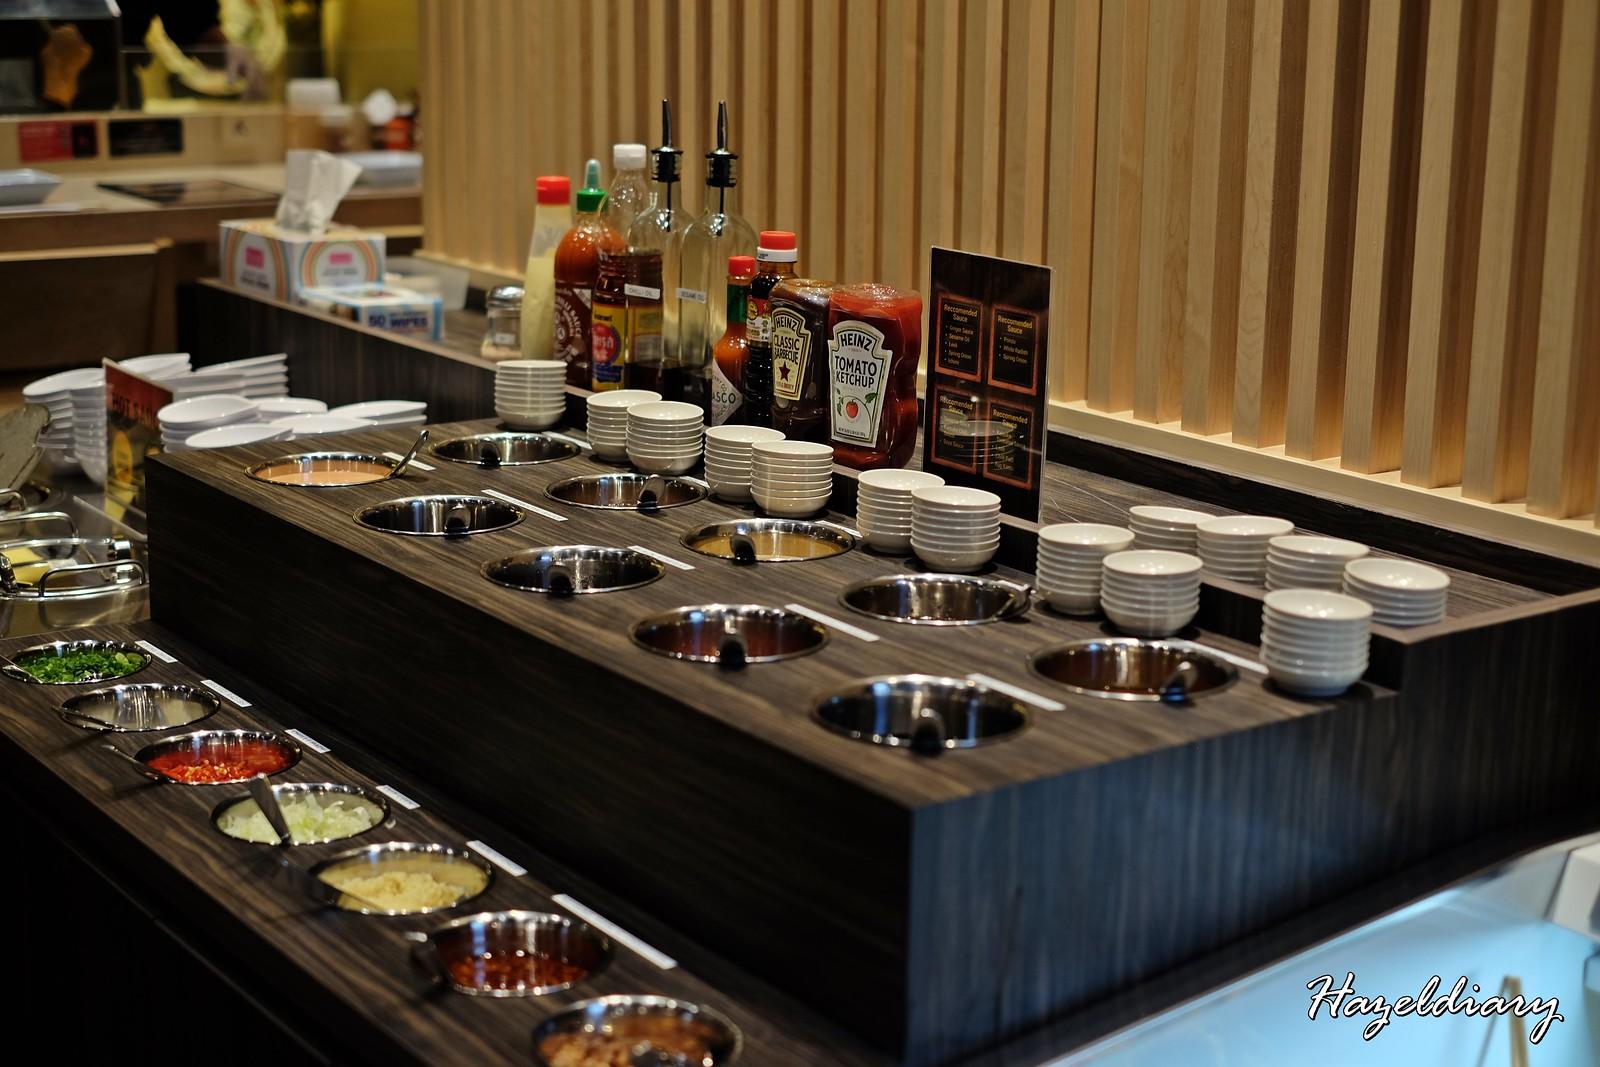 Shiokoji Tonkatsu Keisuke-Paya Lebar Square-Sauces Bar